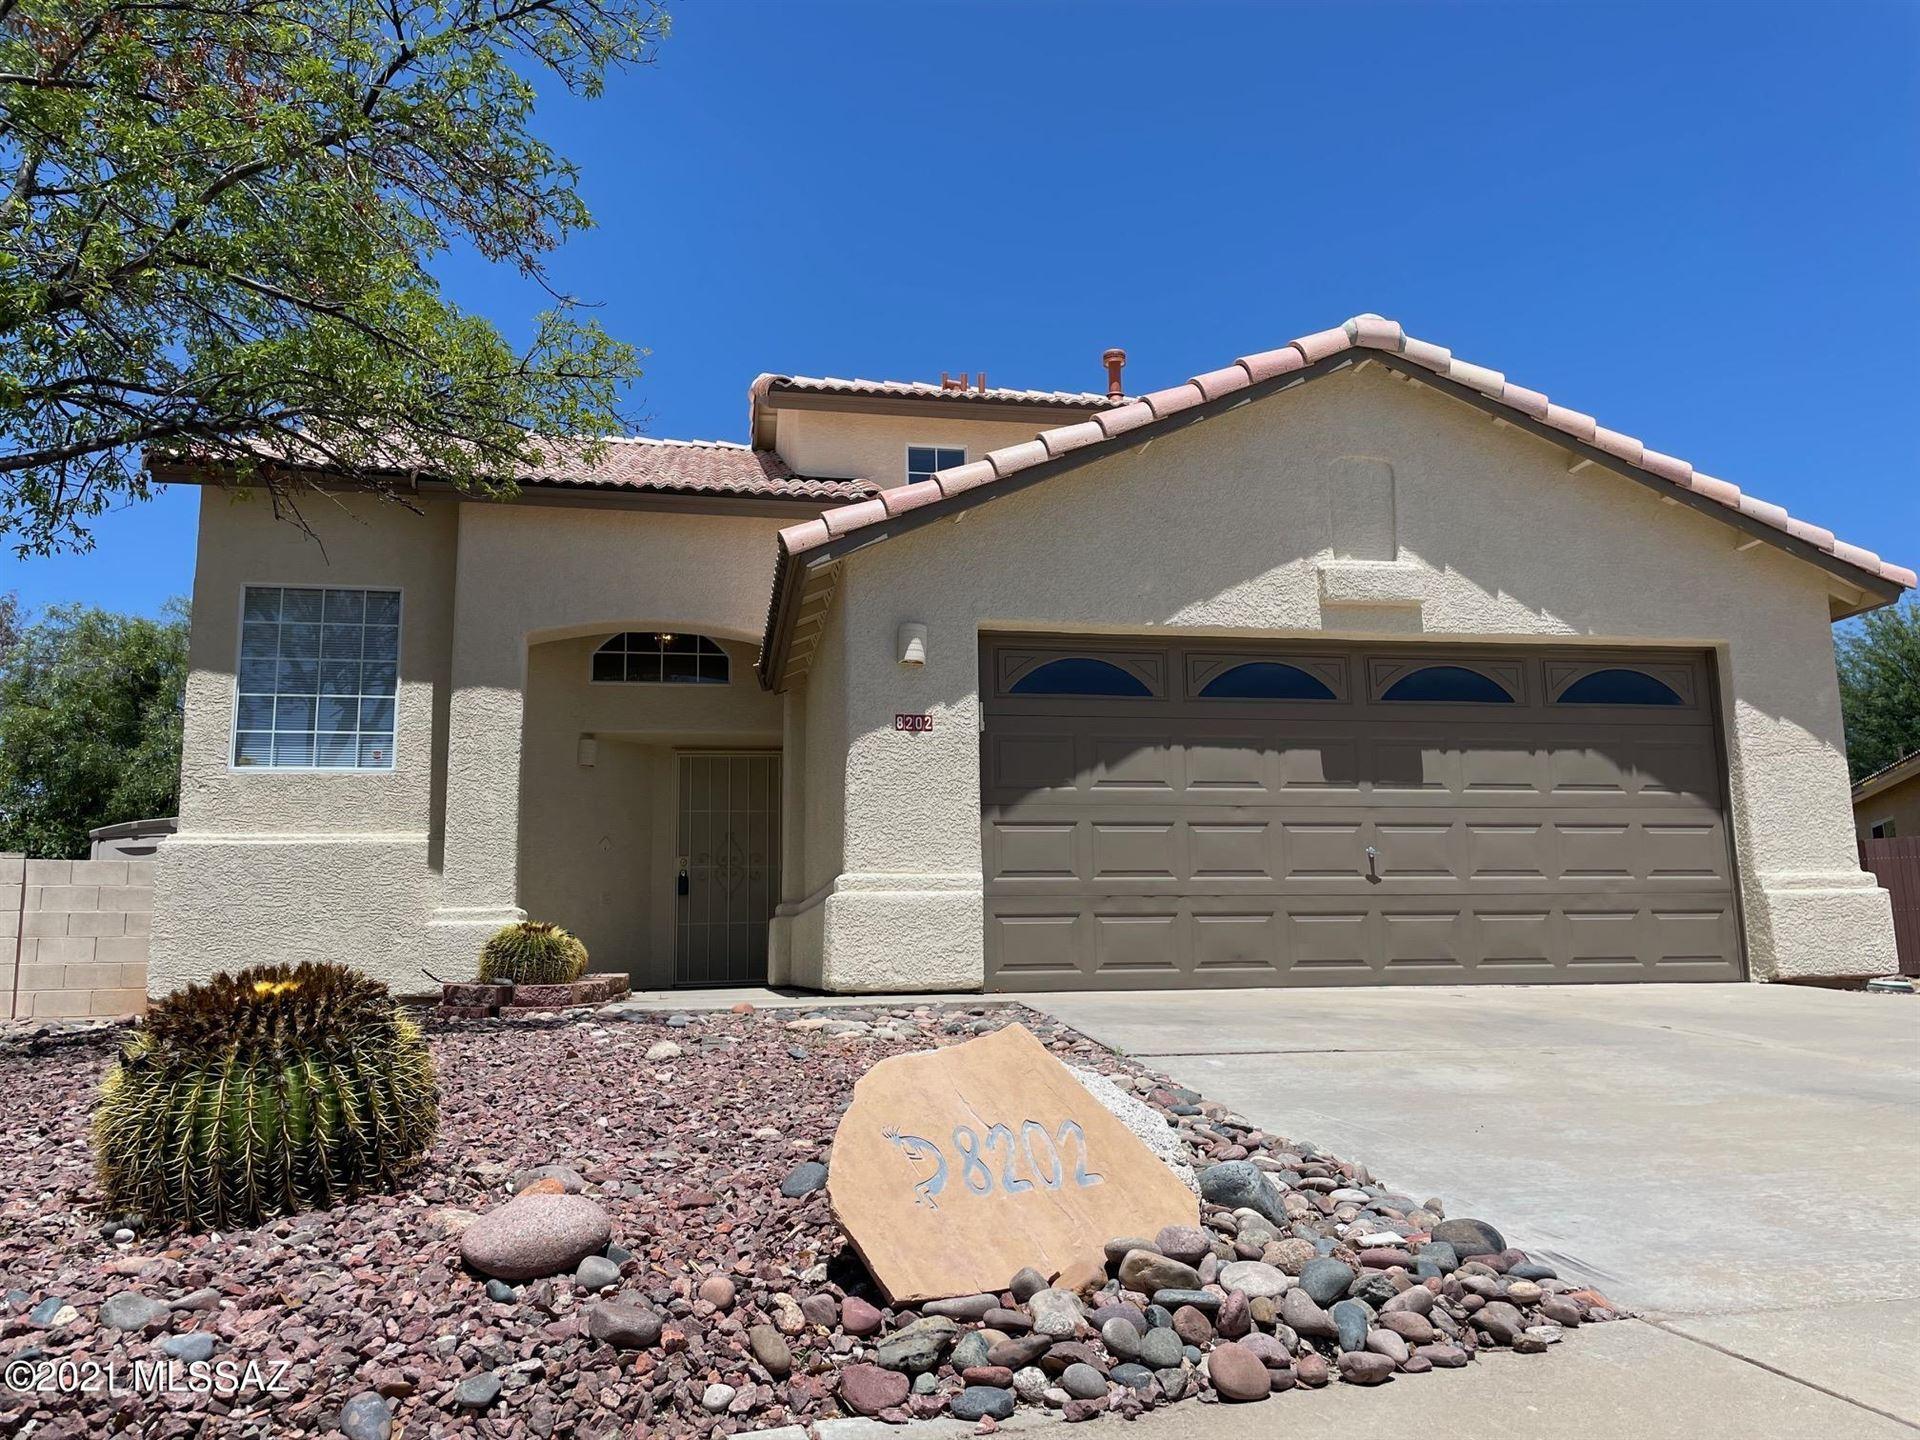 8202 S Placita Del Parque, Tucson, AZ 85747 - MLS#: 22119294